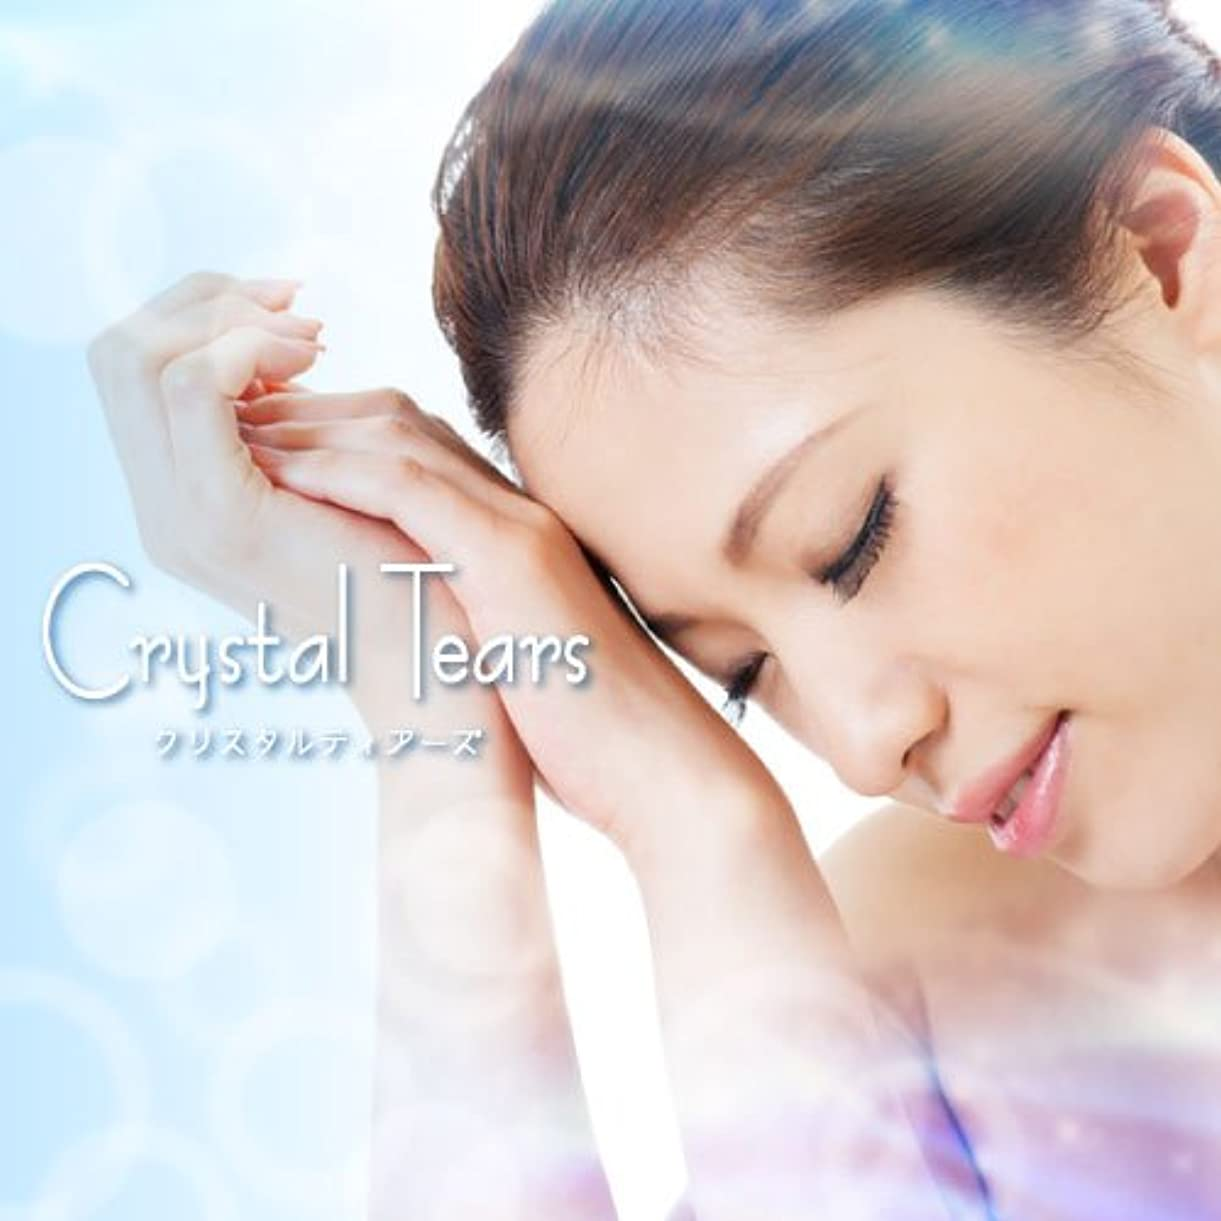 遵守する権威村【5個セット+1つプレゼント!!】Crystal Tears(クリスタル ティアーズ)